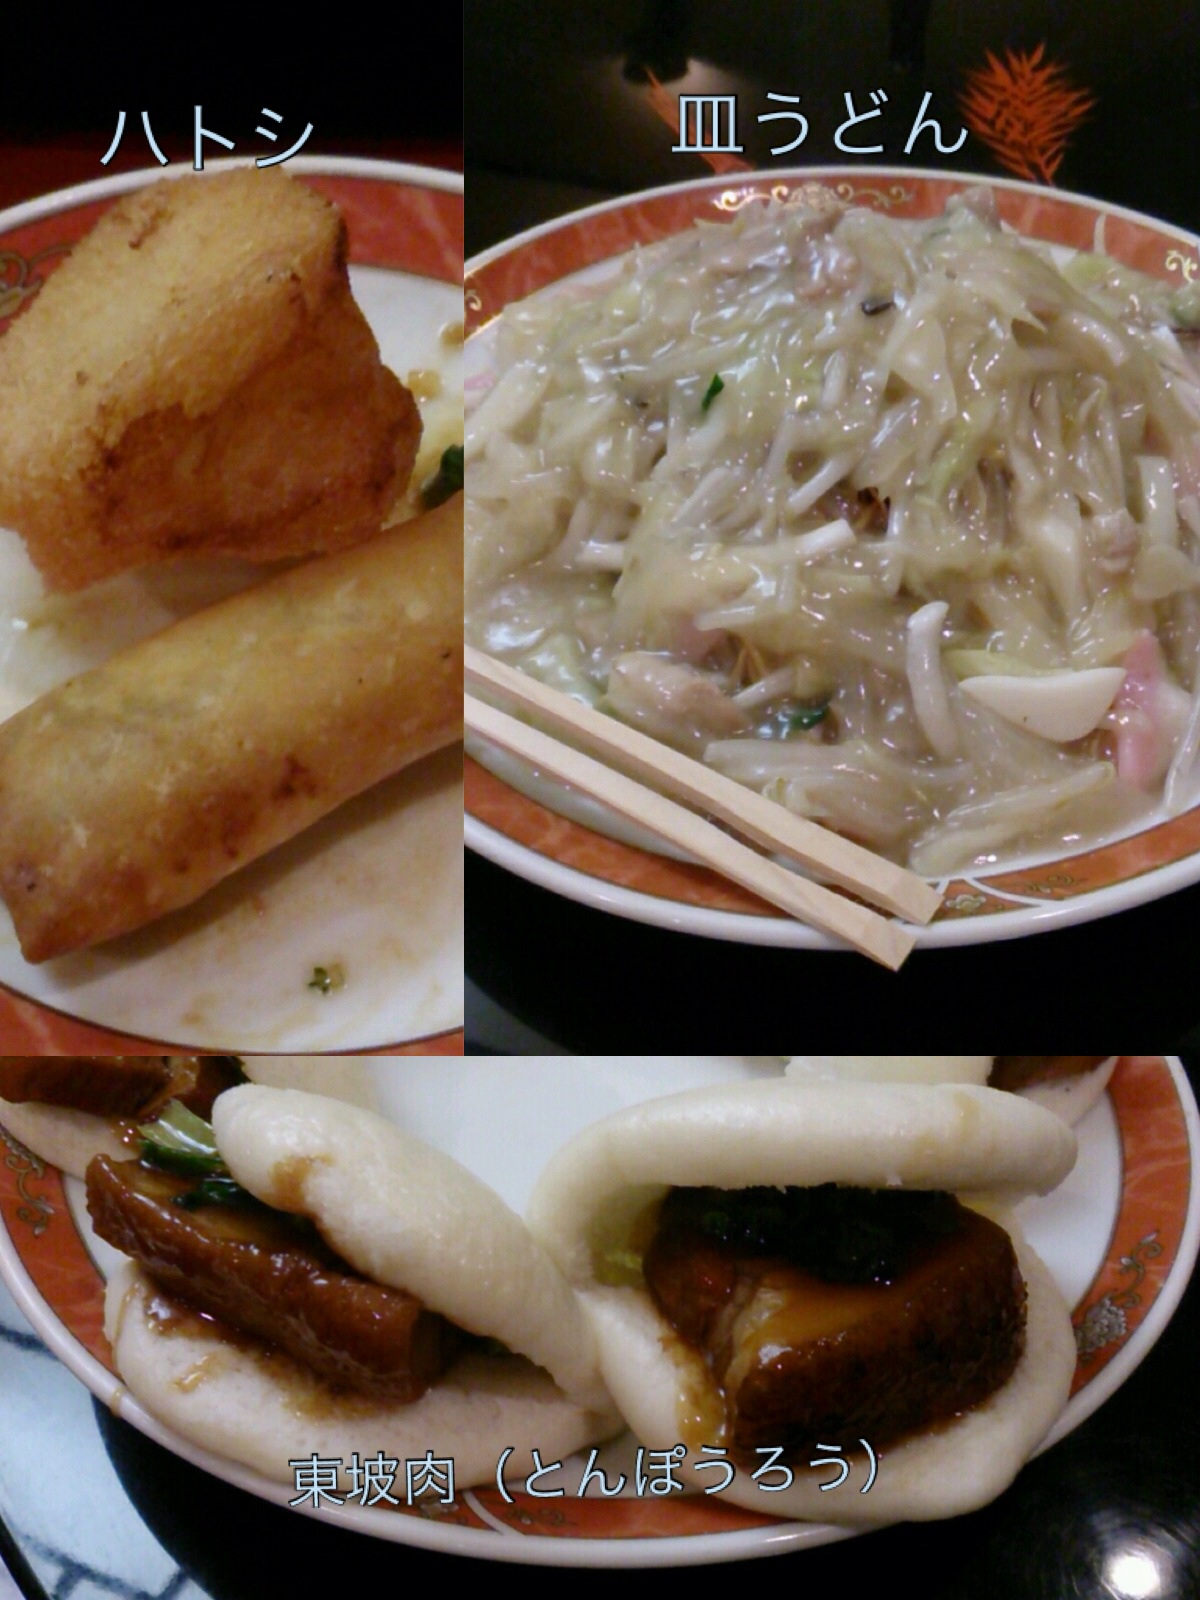 長崎 中華街 ハトシ 角煮 皿うどん